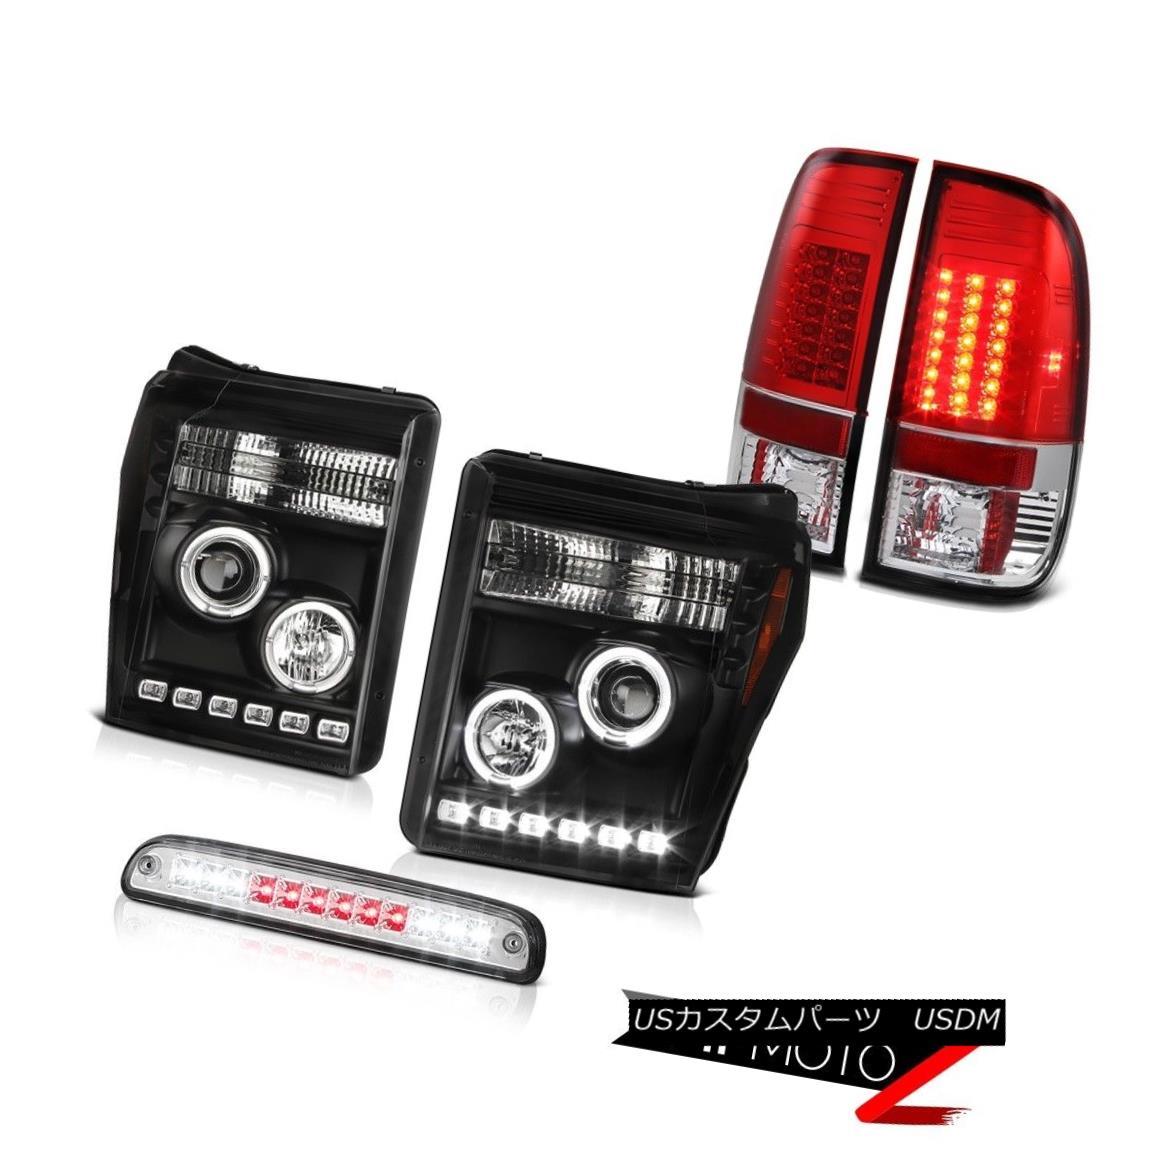 ヘッドライト 11-16 F250 Xl Sterling Chrome Roof Cab Lamp Taillamps Nighthawk Black Headlamps 11-16 F250 X1スターリングクロームルーフキャブランプタイルランプナイトホークブラックヘッドランプ